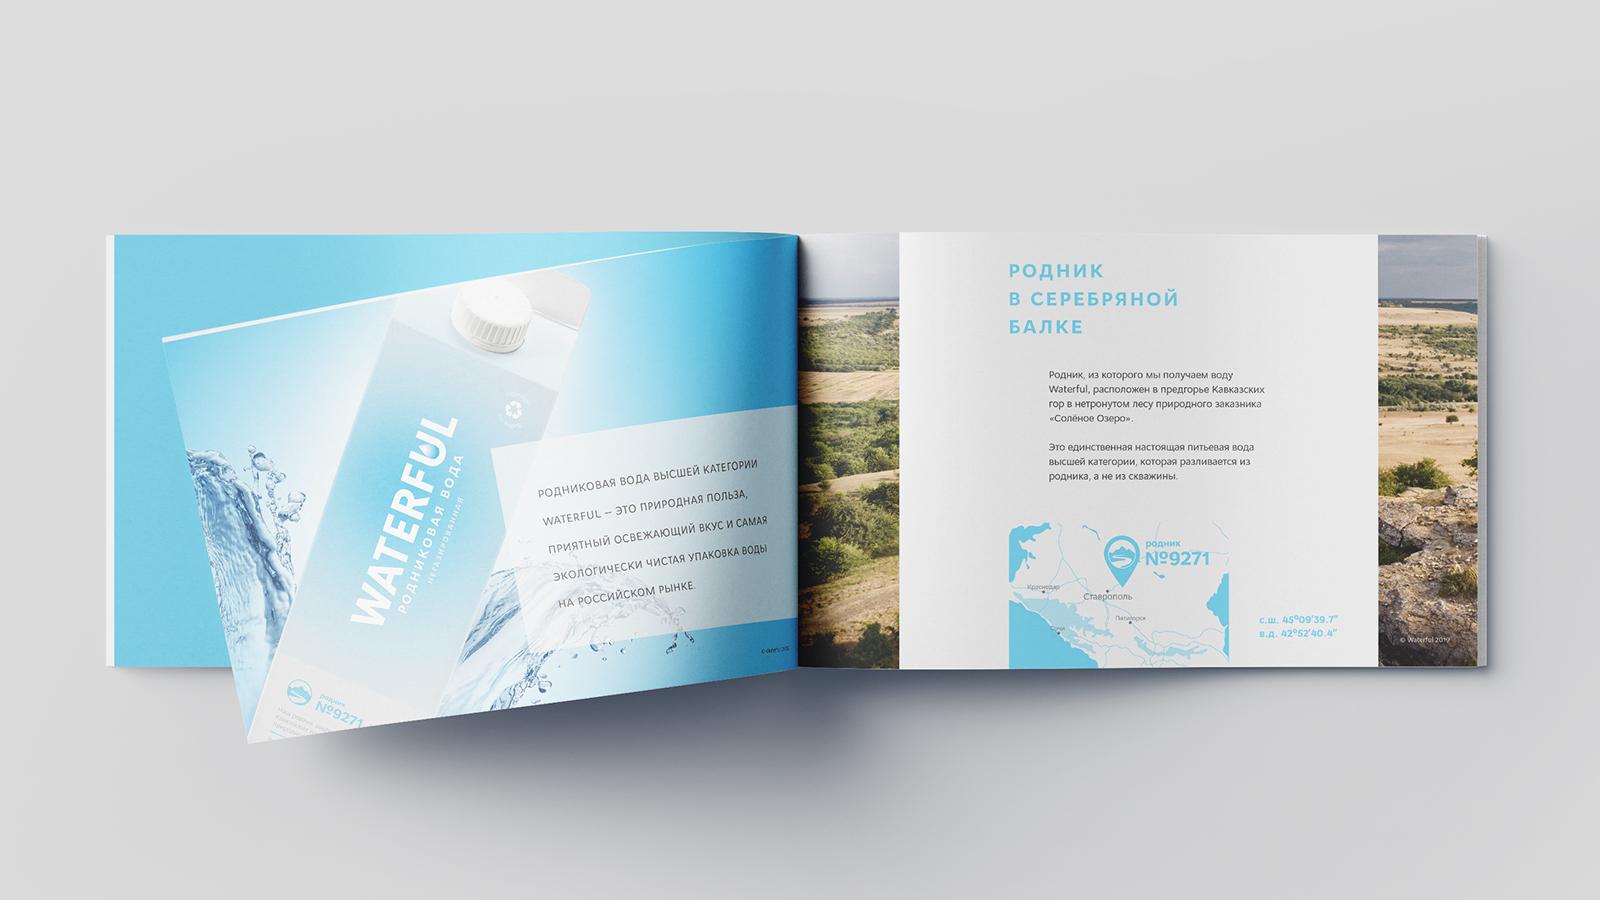 Дизайн каталога воды Waterful